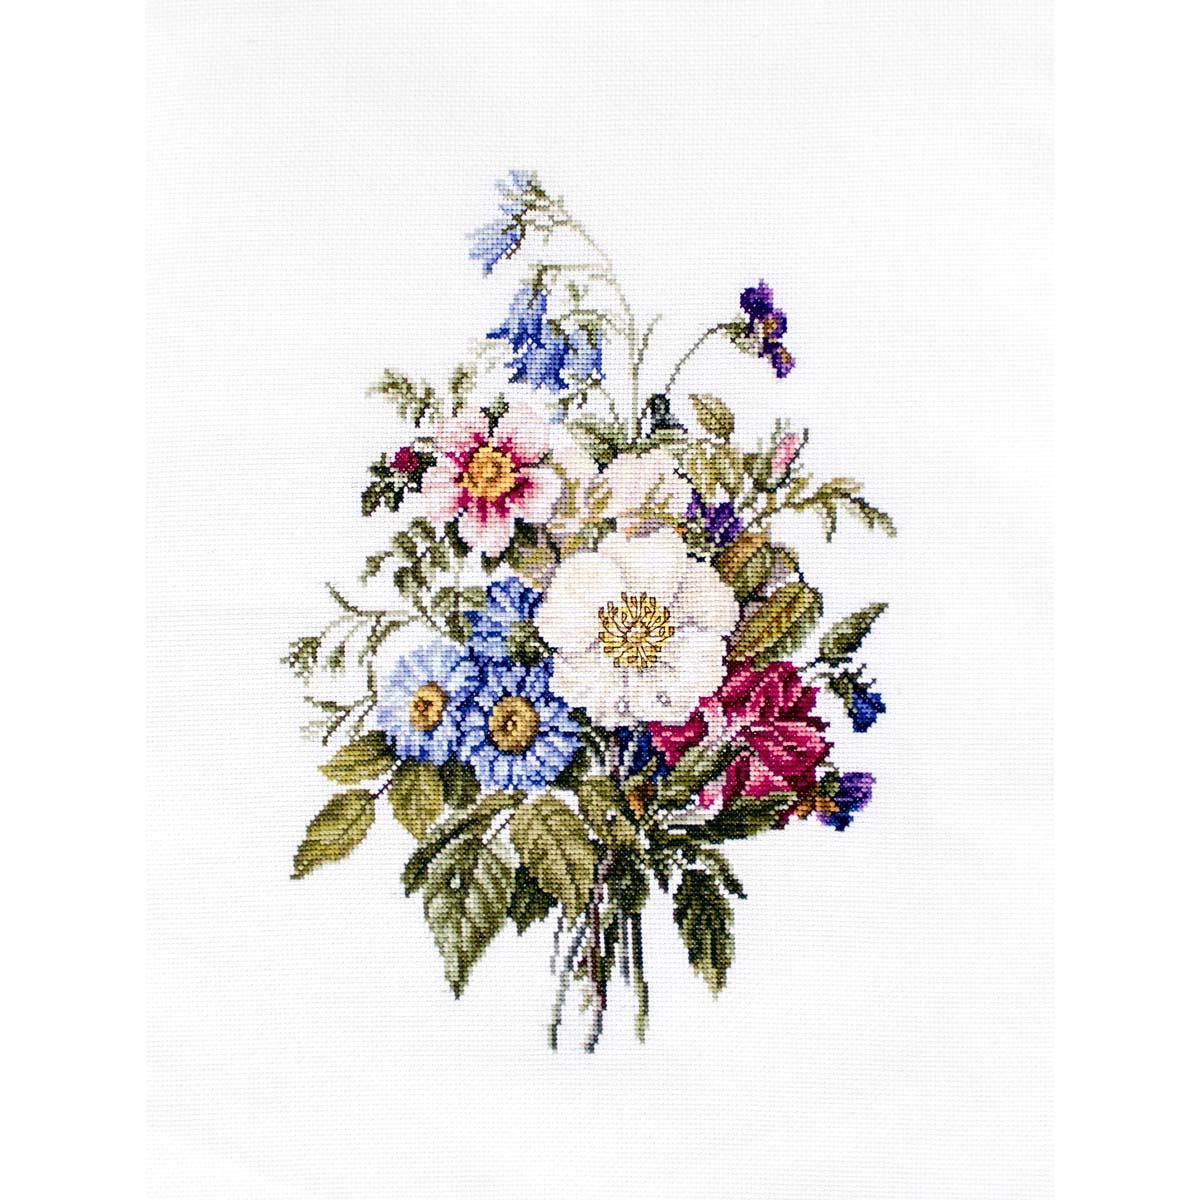 BU4004 Набор для вышивания 'Букет летних цветов' 21*28,5см, Luca-S